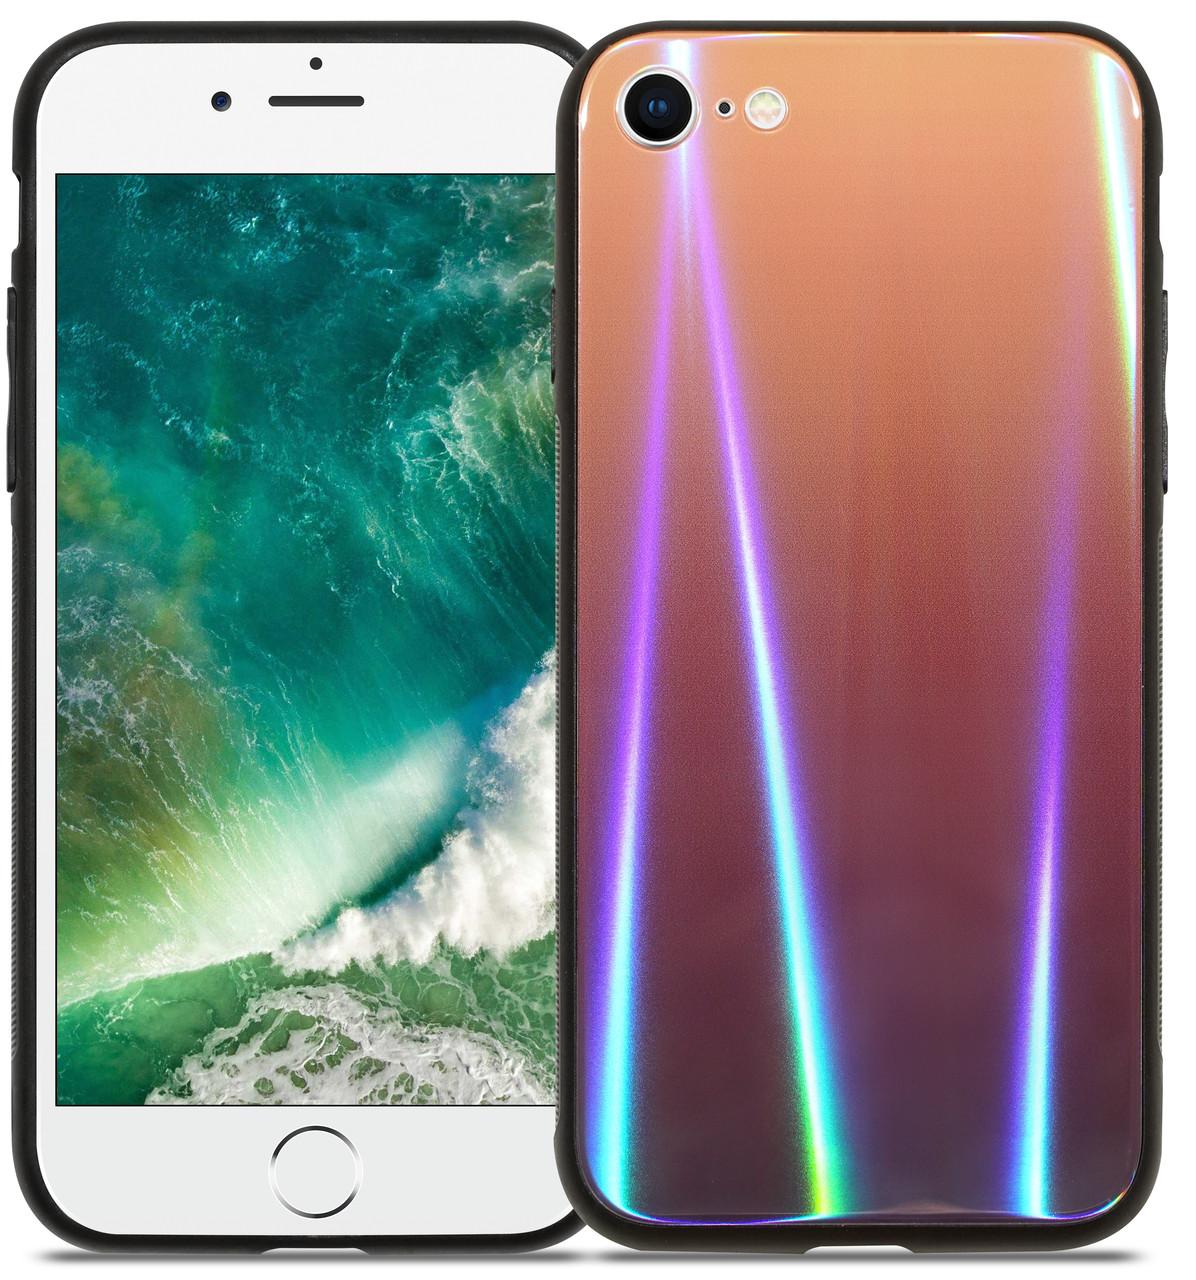 """Чехол накладка DEF для iPhone 7/8 (4.7 """") Gradient Glass Золотистый (459598)"""